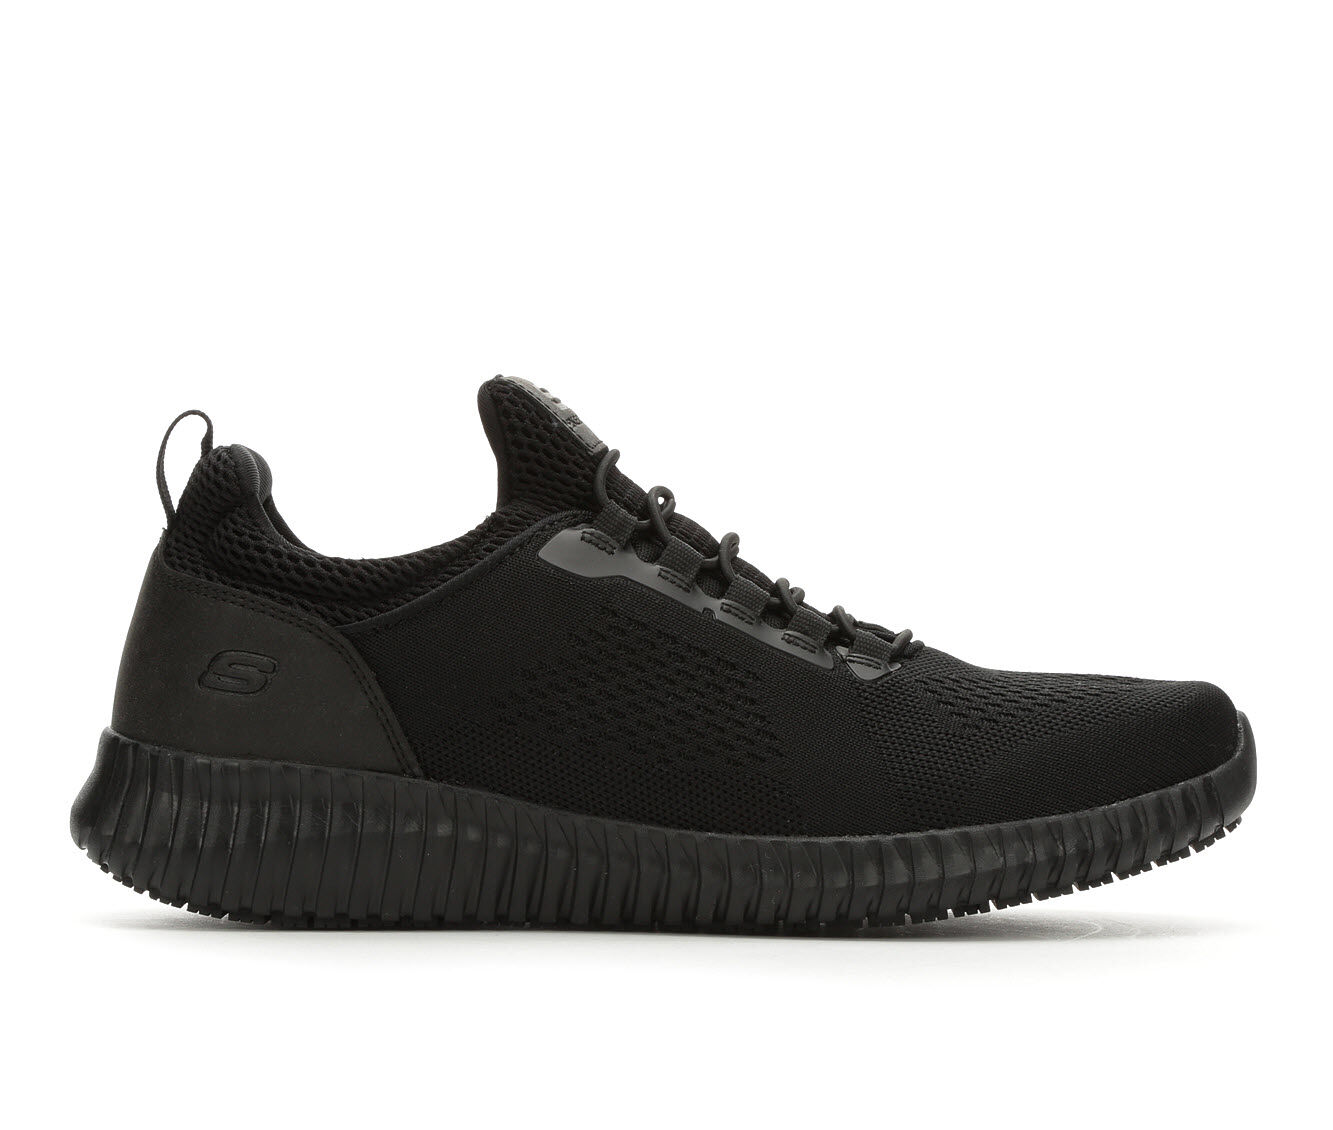 Men's Skechers Work Cessnock 77188 Safety Shoes Black